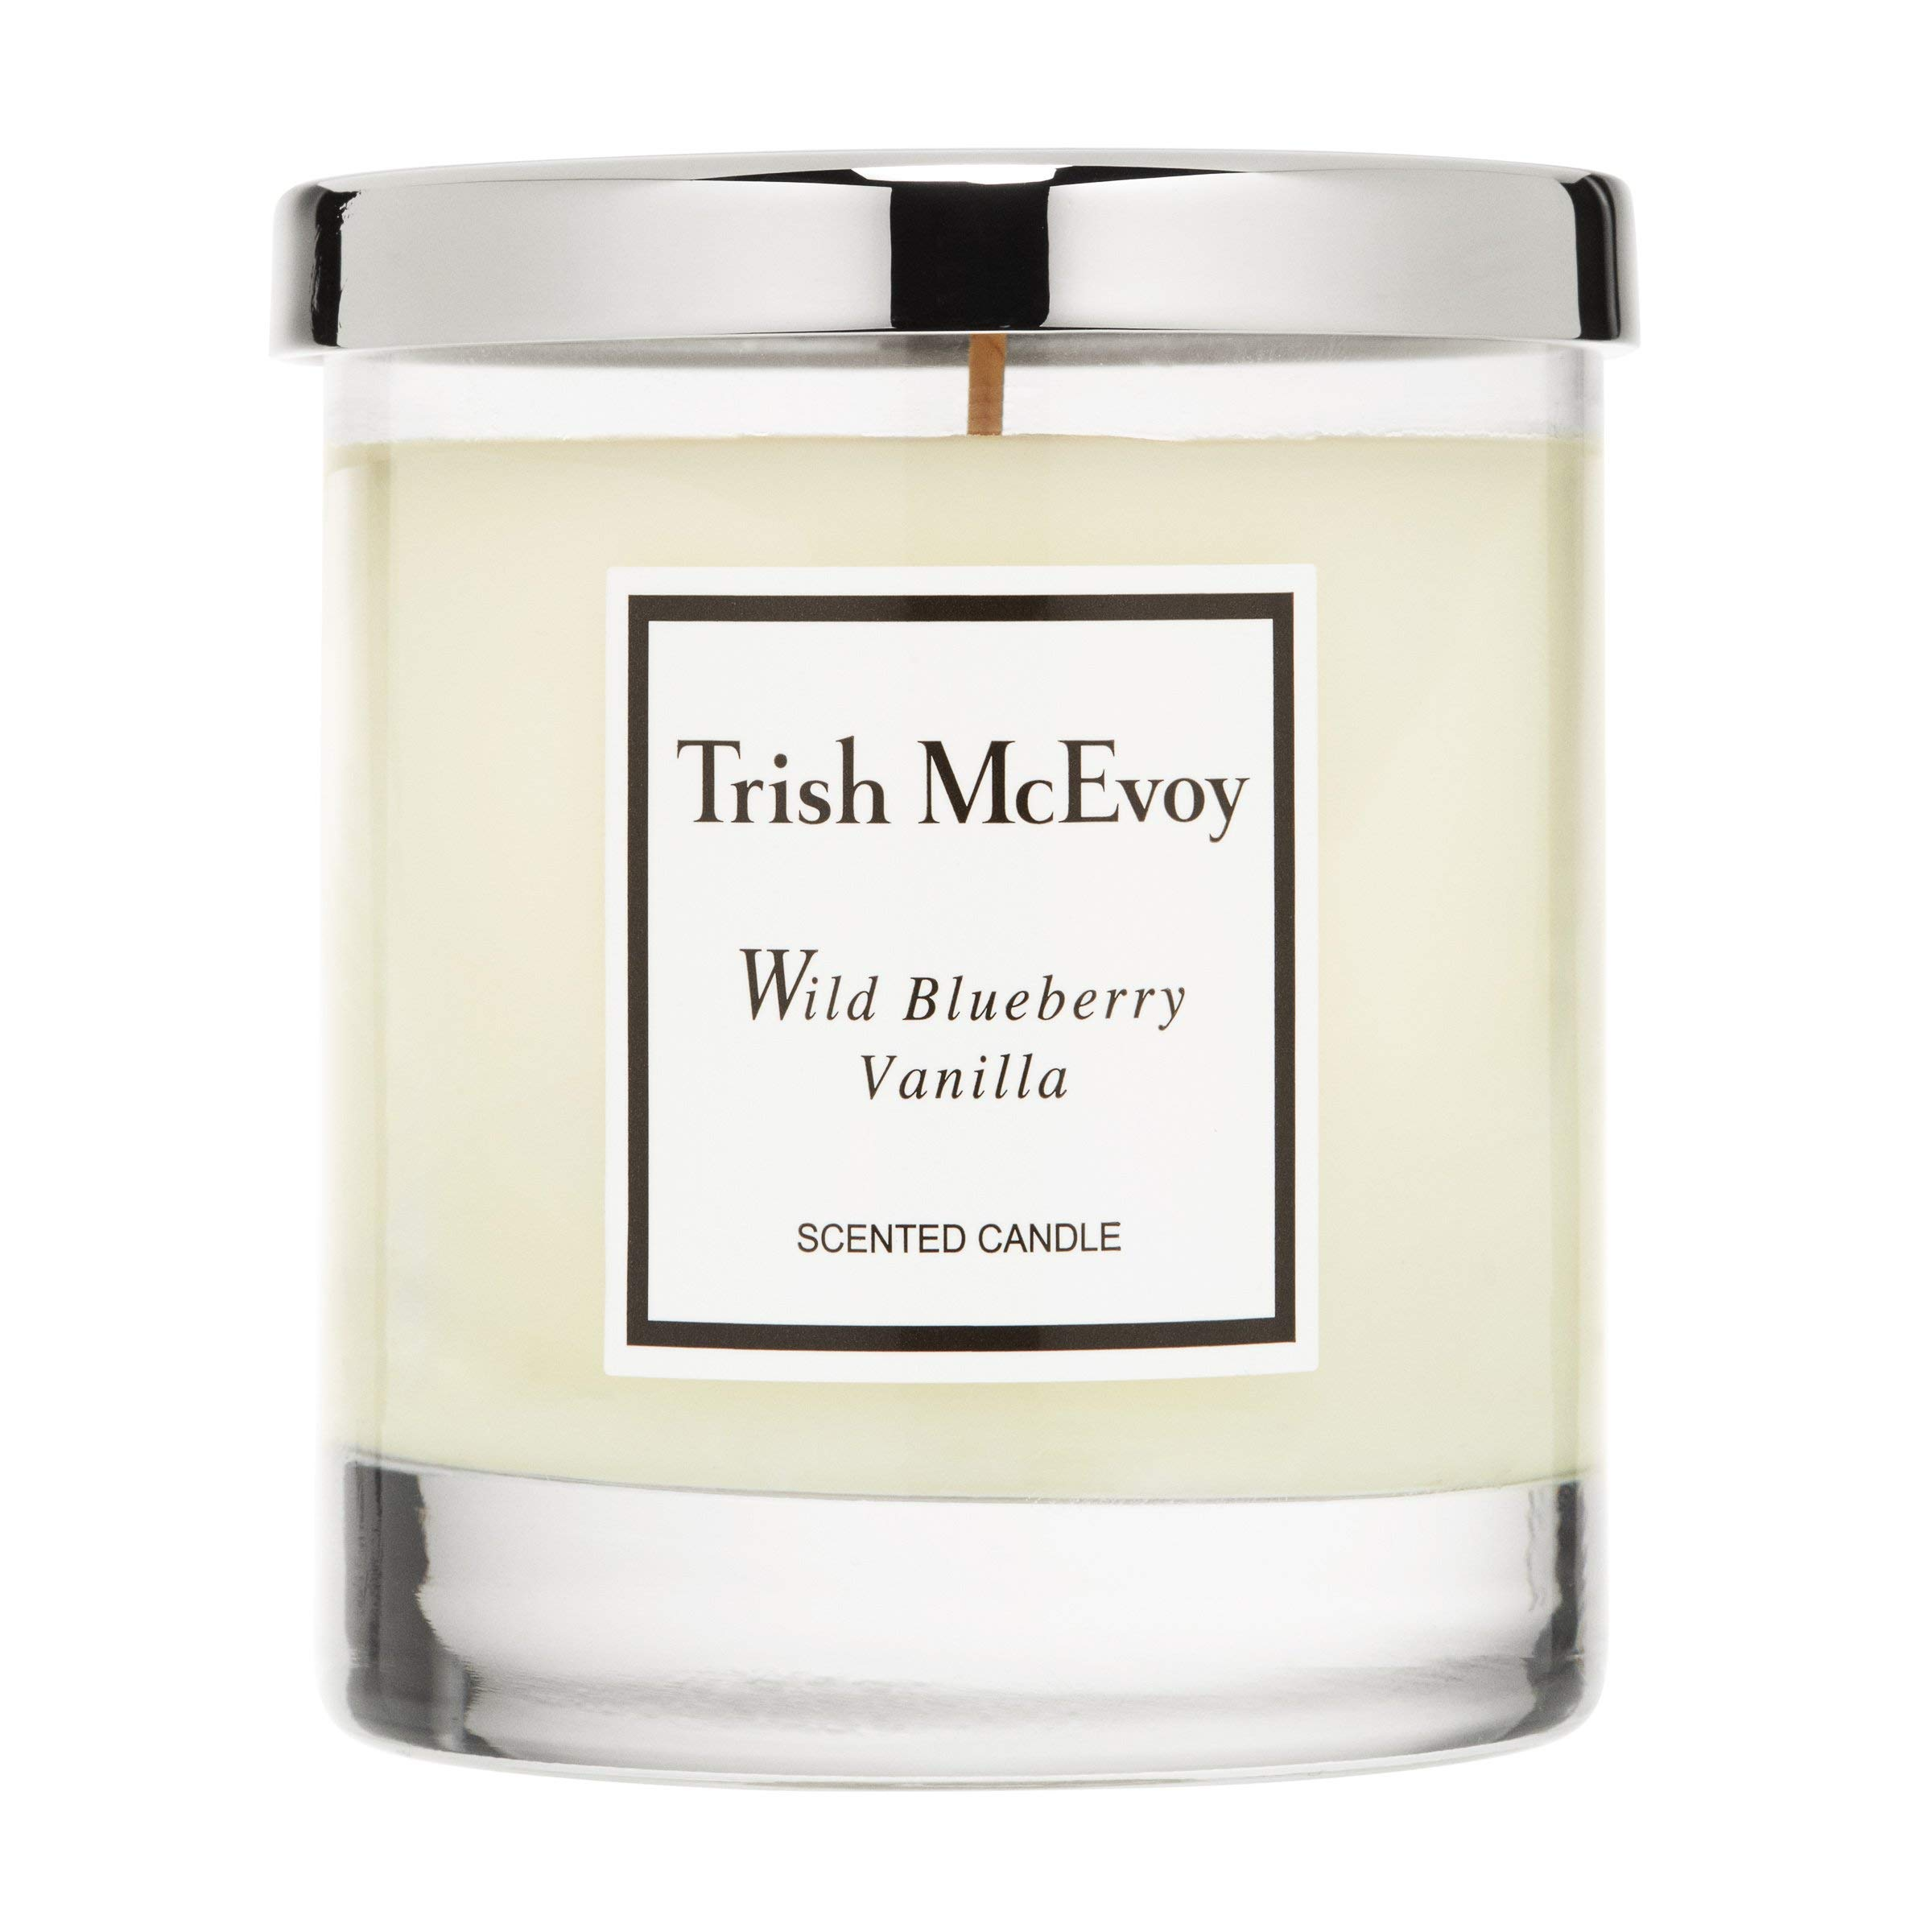 Trish Mcevoy Candle 7.25 Oz Wild Blueberry Vanilla Candle - Boxed